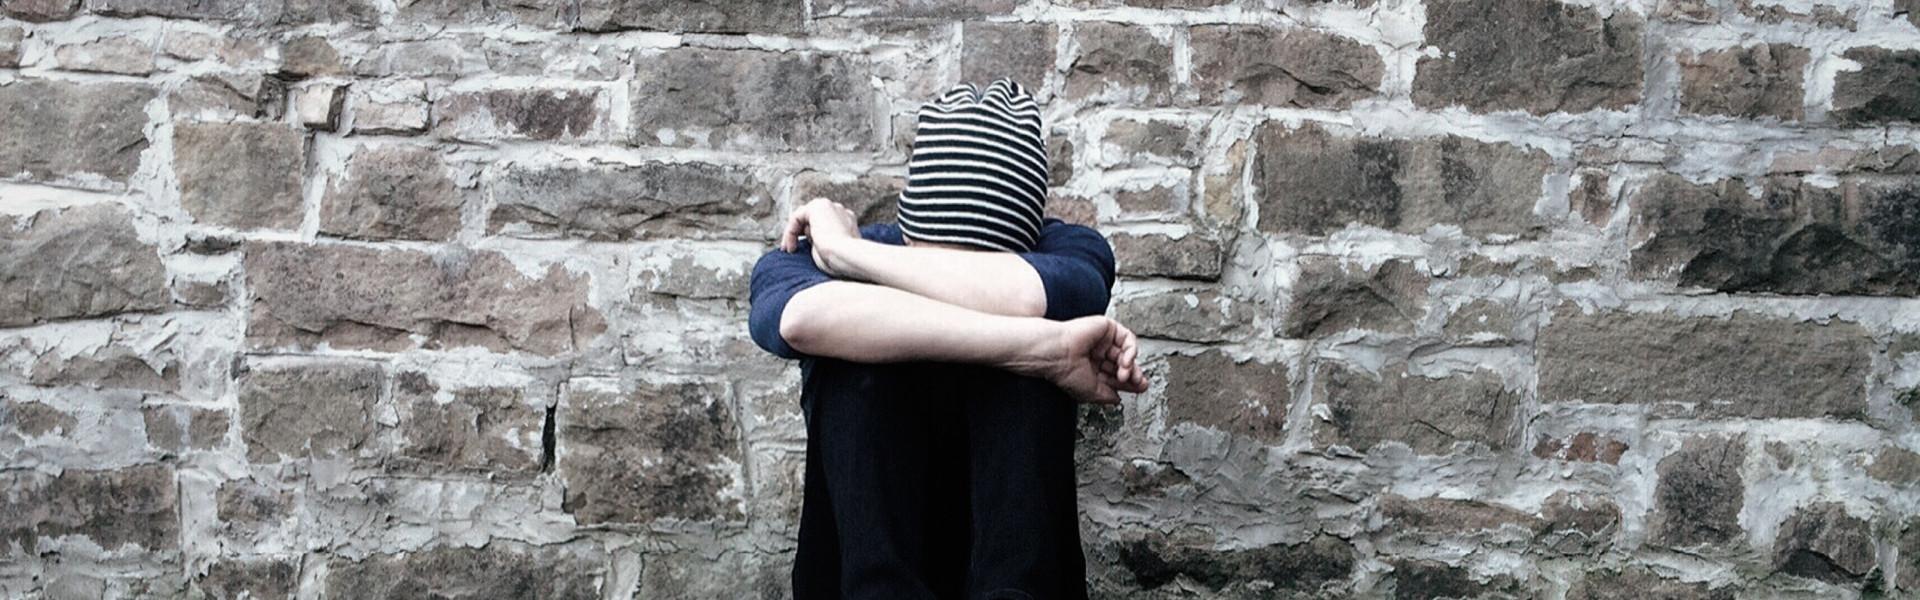 Depressão: Abaixamento do Nível Mental